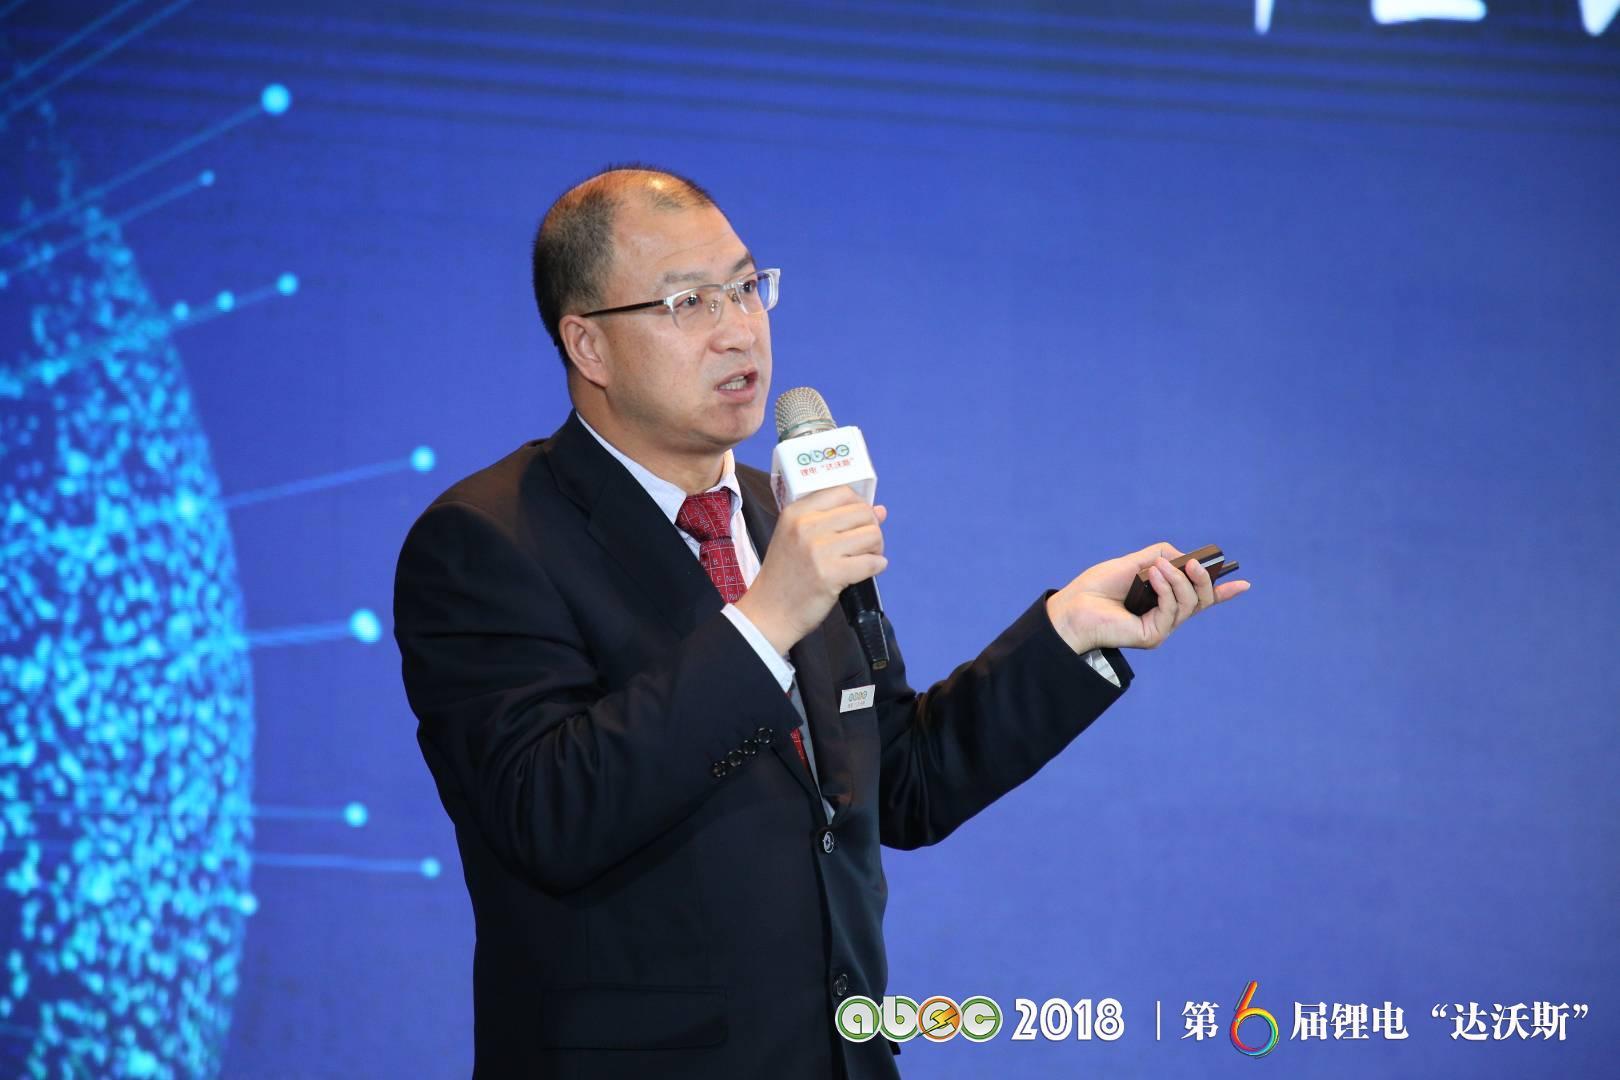 中国有色金属工业协会锂业分会秘书长张江峰